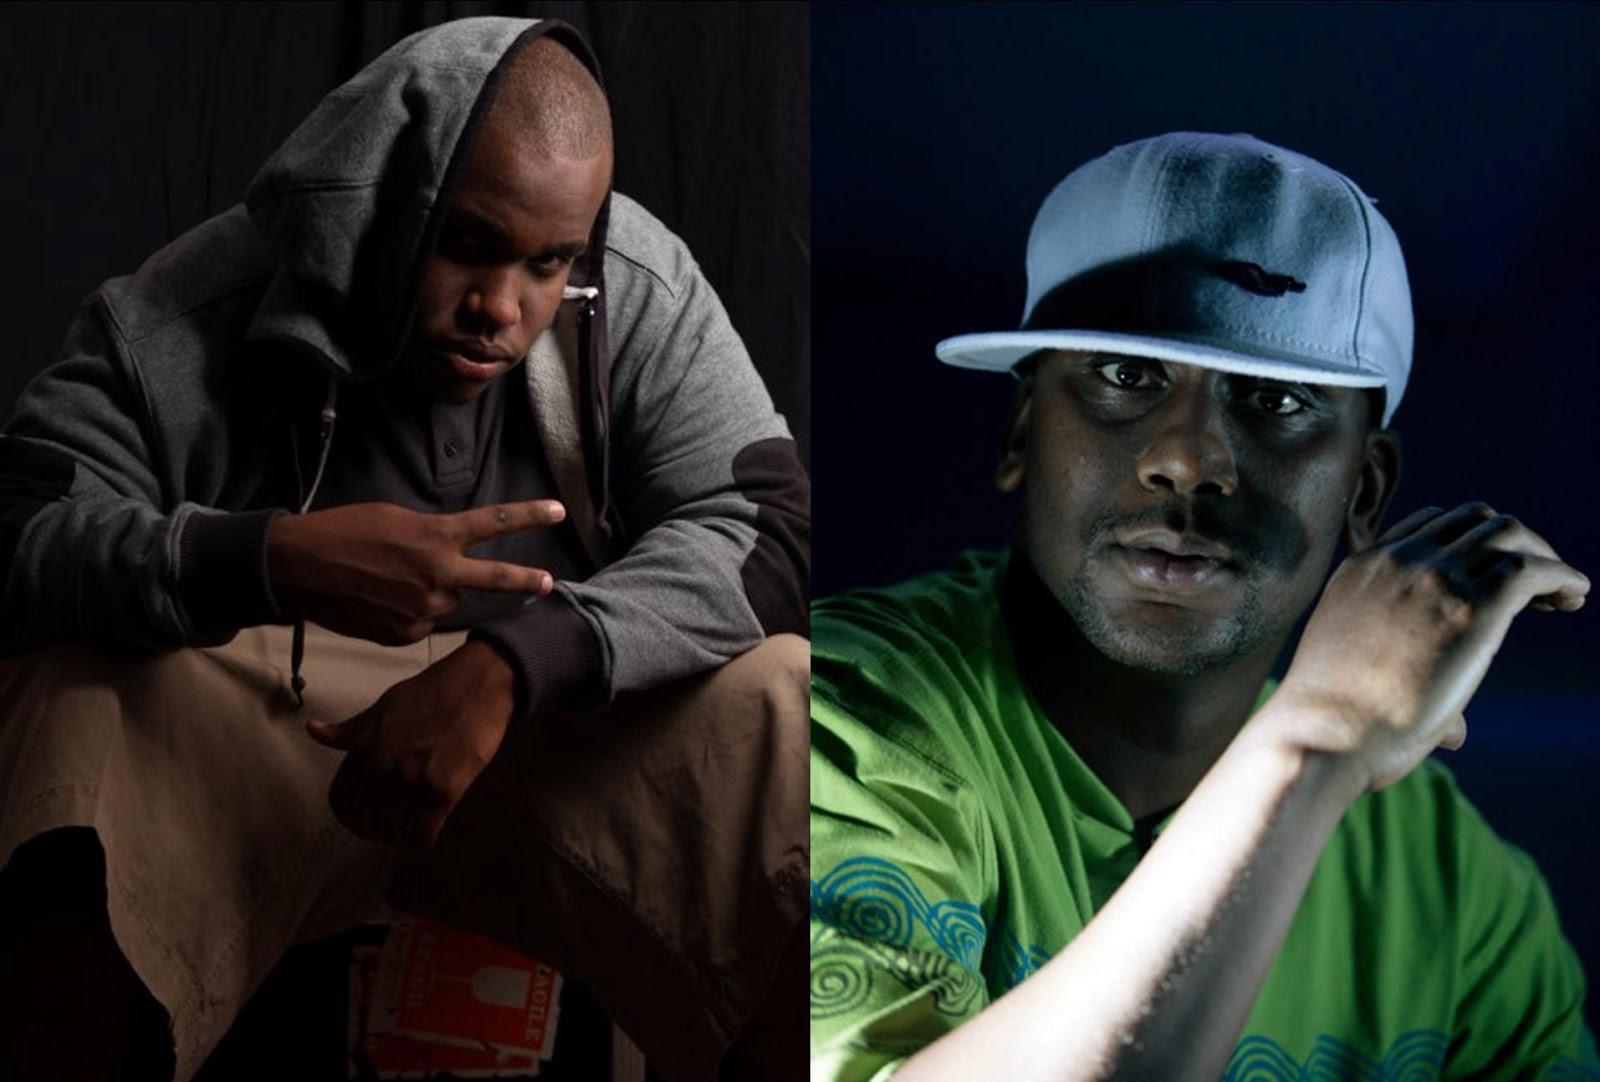 madtraxx and dj stylez